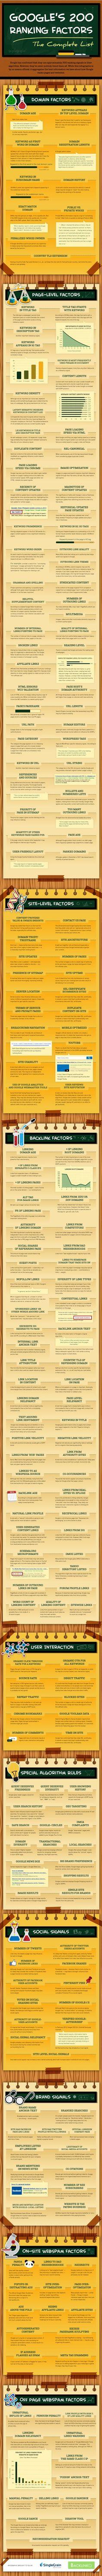 [Infographie] La liste ultra complète des 200 facteurs de référencement de GOOGLE    Google's 200 Ranking Factors - The Complete List - #infographic #SEO